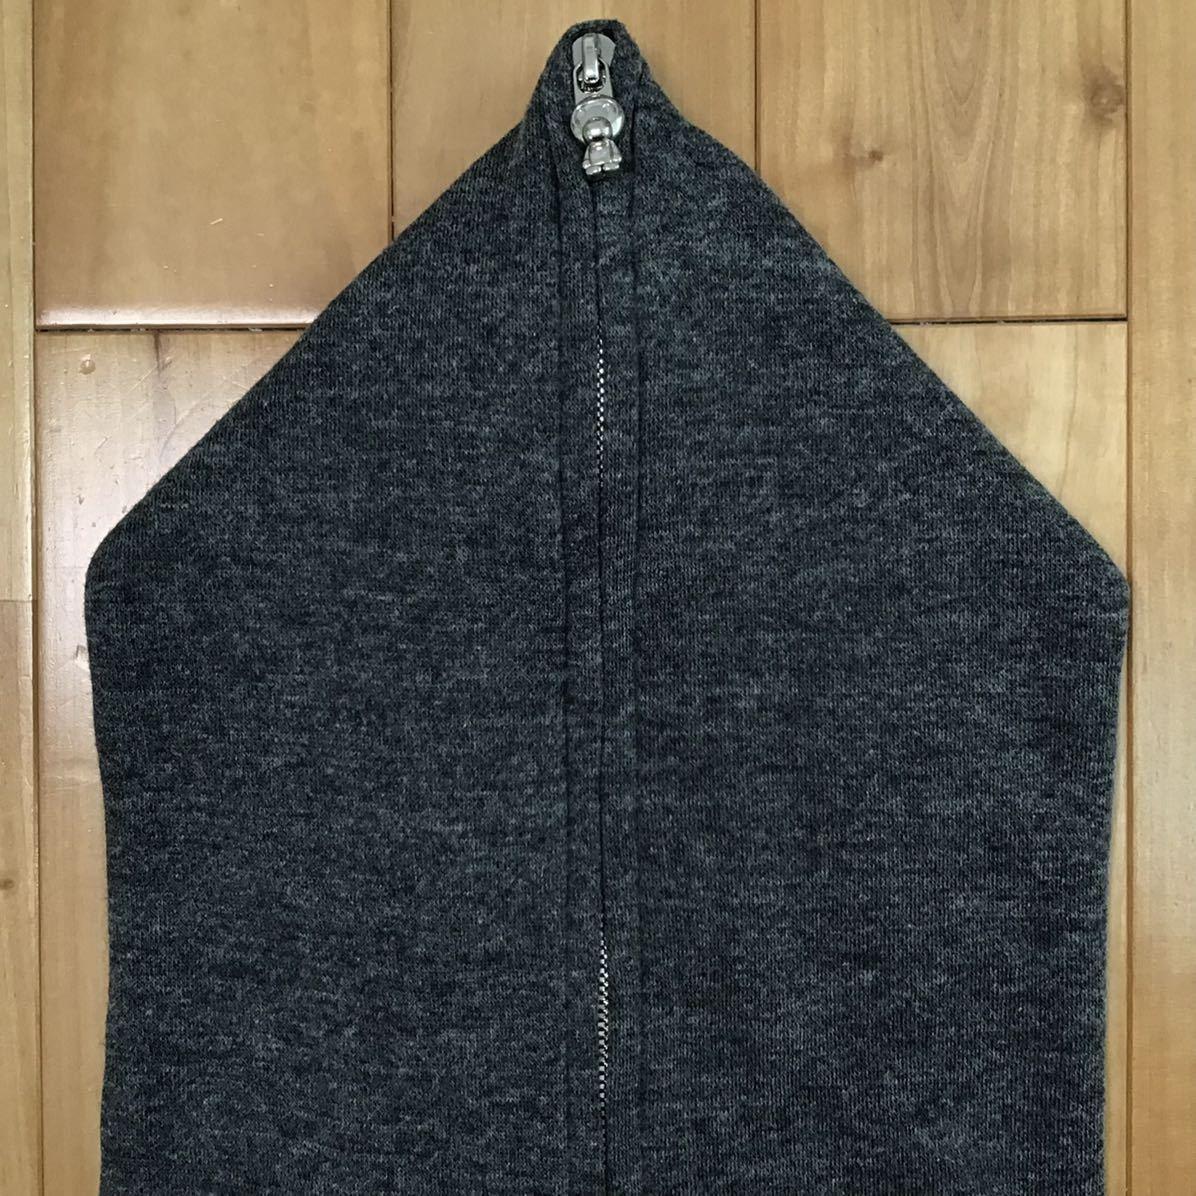 サングラス マイロ フルジップ パーカー Sサイズ a bathing ape BAPE full zip hoodie エイプ ベイプ アベイシングエイプ BABY MILO 087